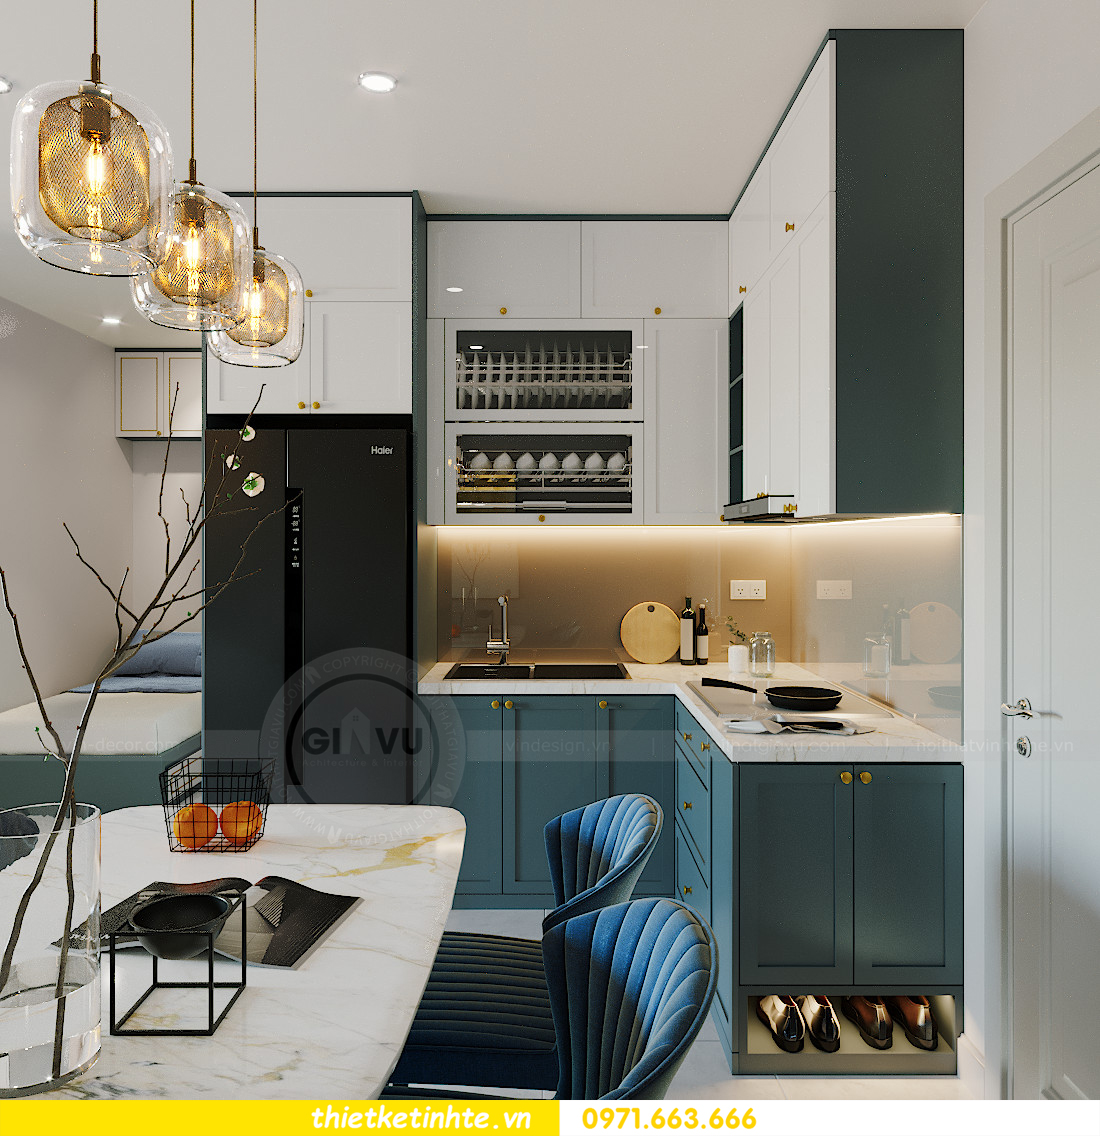 thiết kế nội thất Smart City tòa S201 căn hộ 2218 chị Quỳnh 1